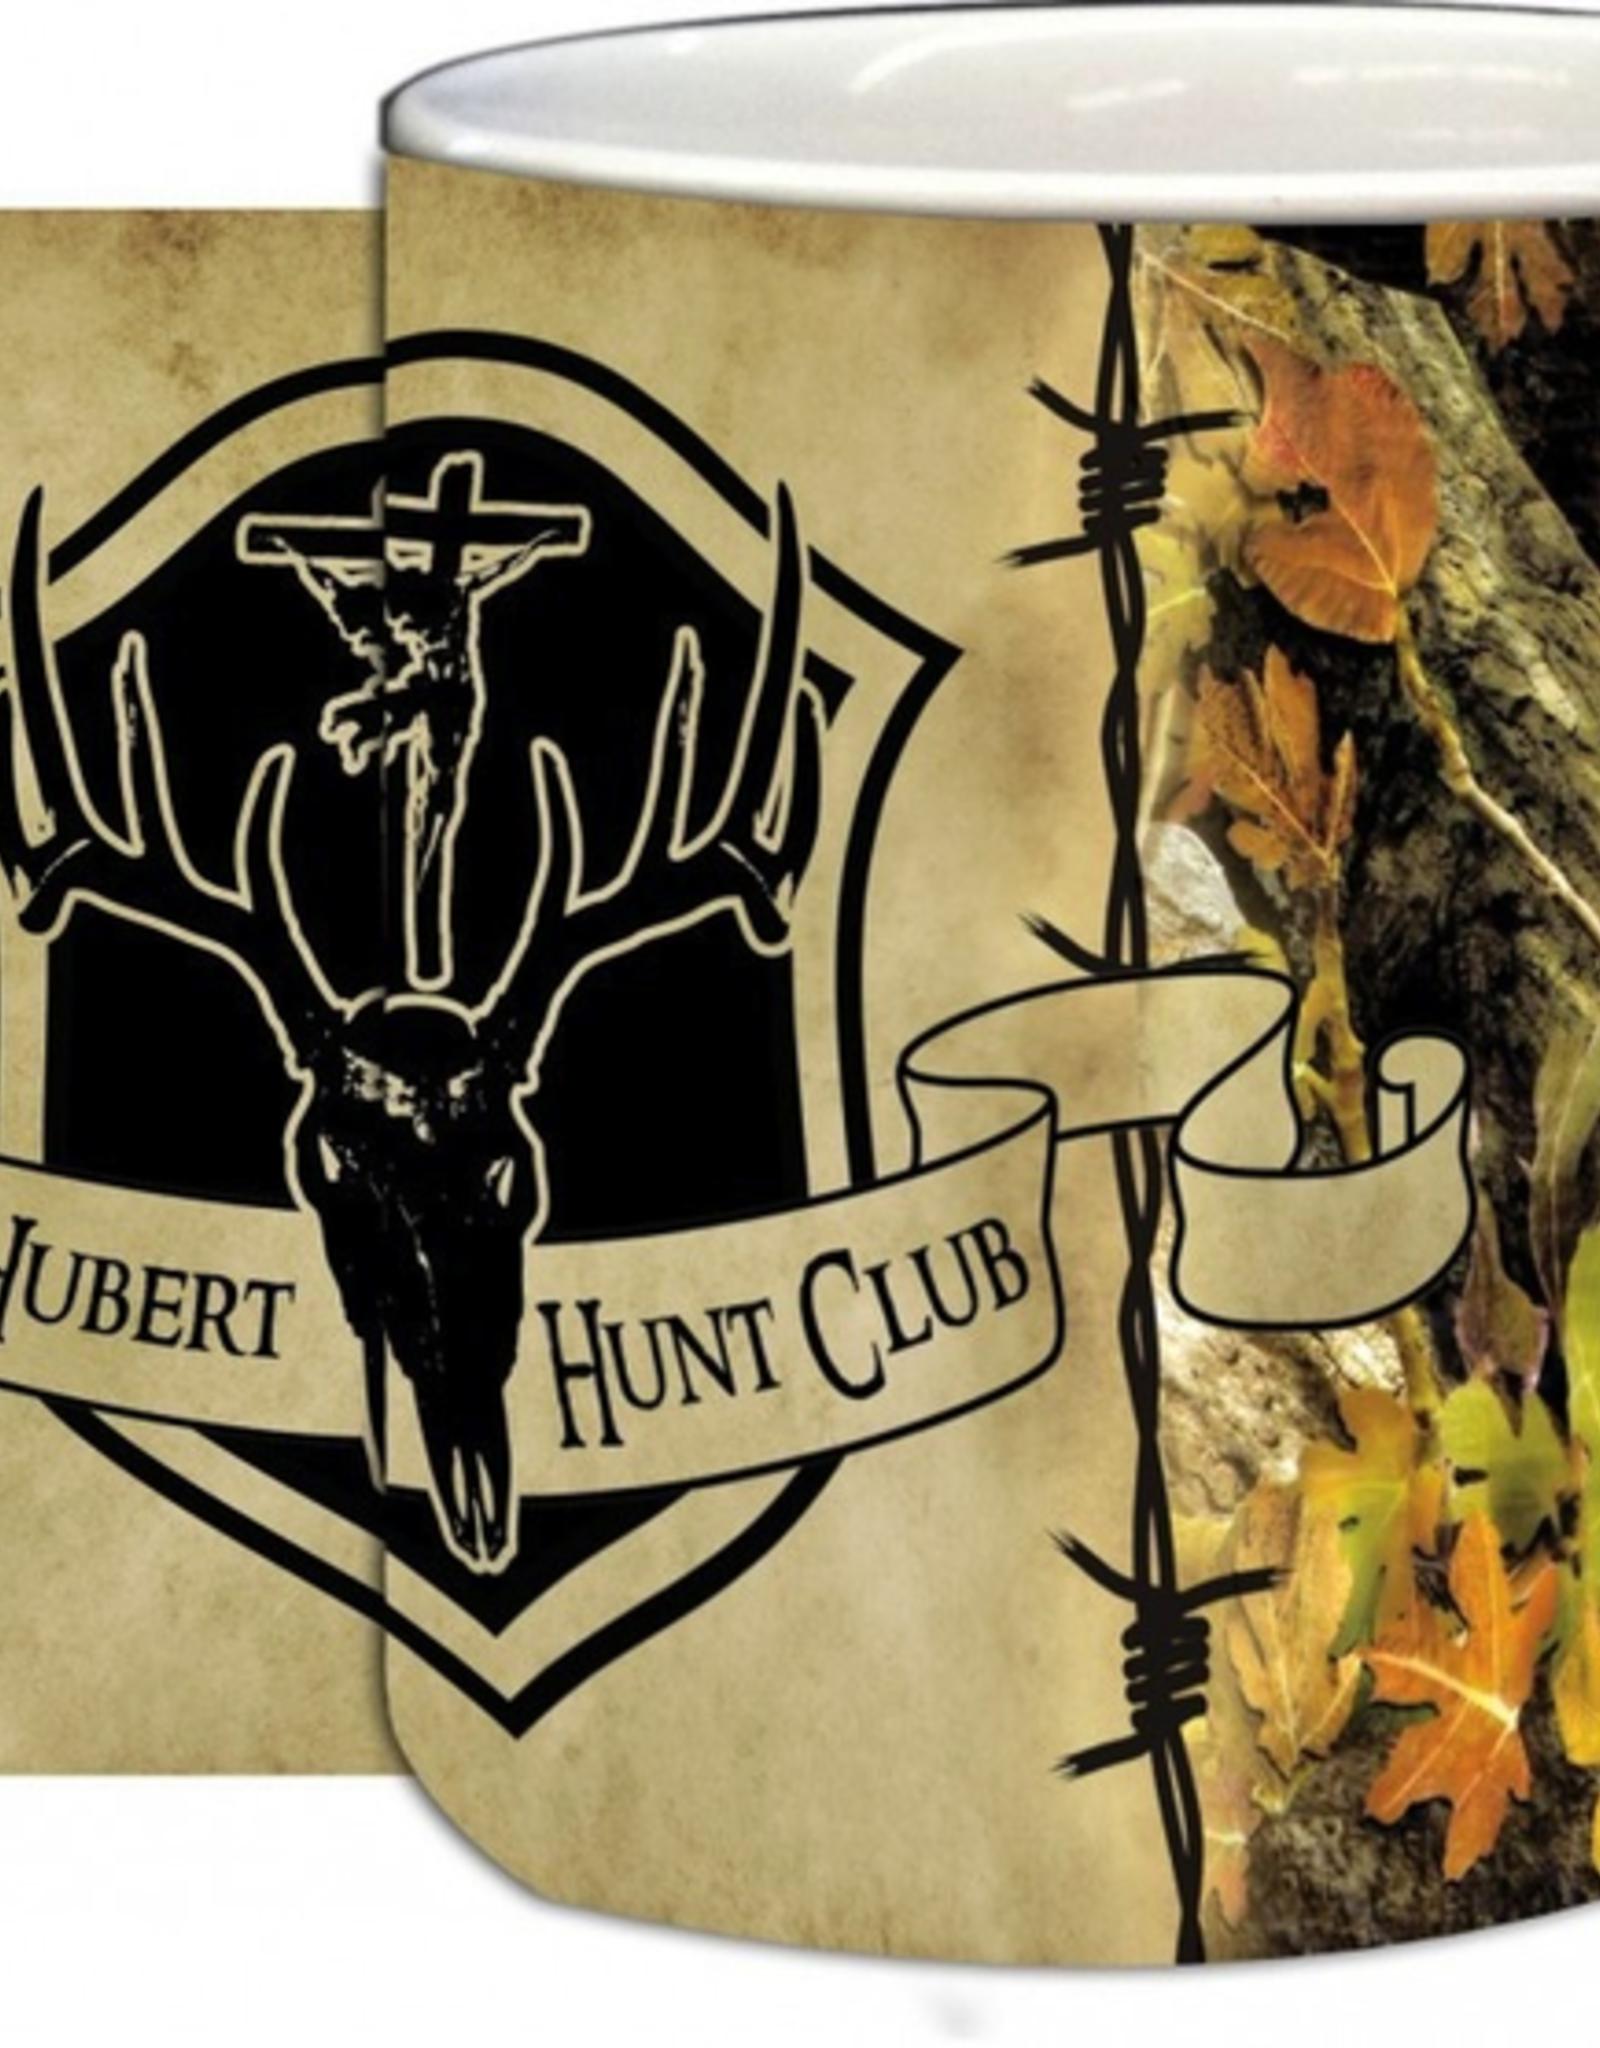 Nelson/Catholic to the Max St. Hubert Hunt Club Mug